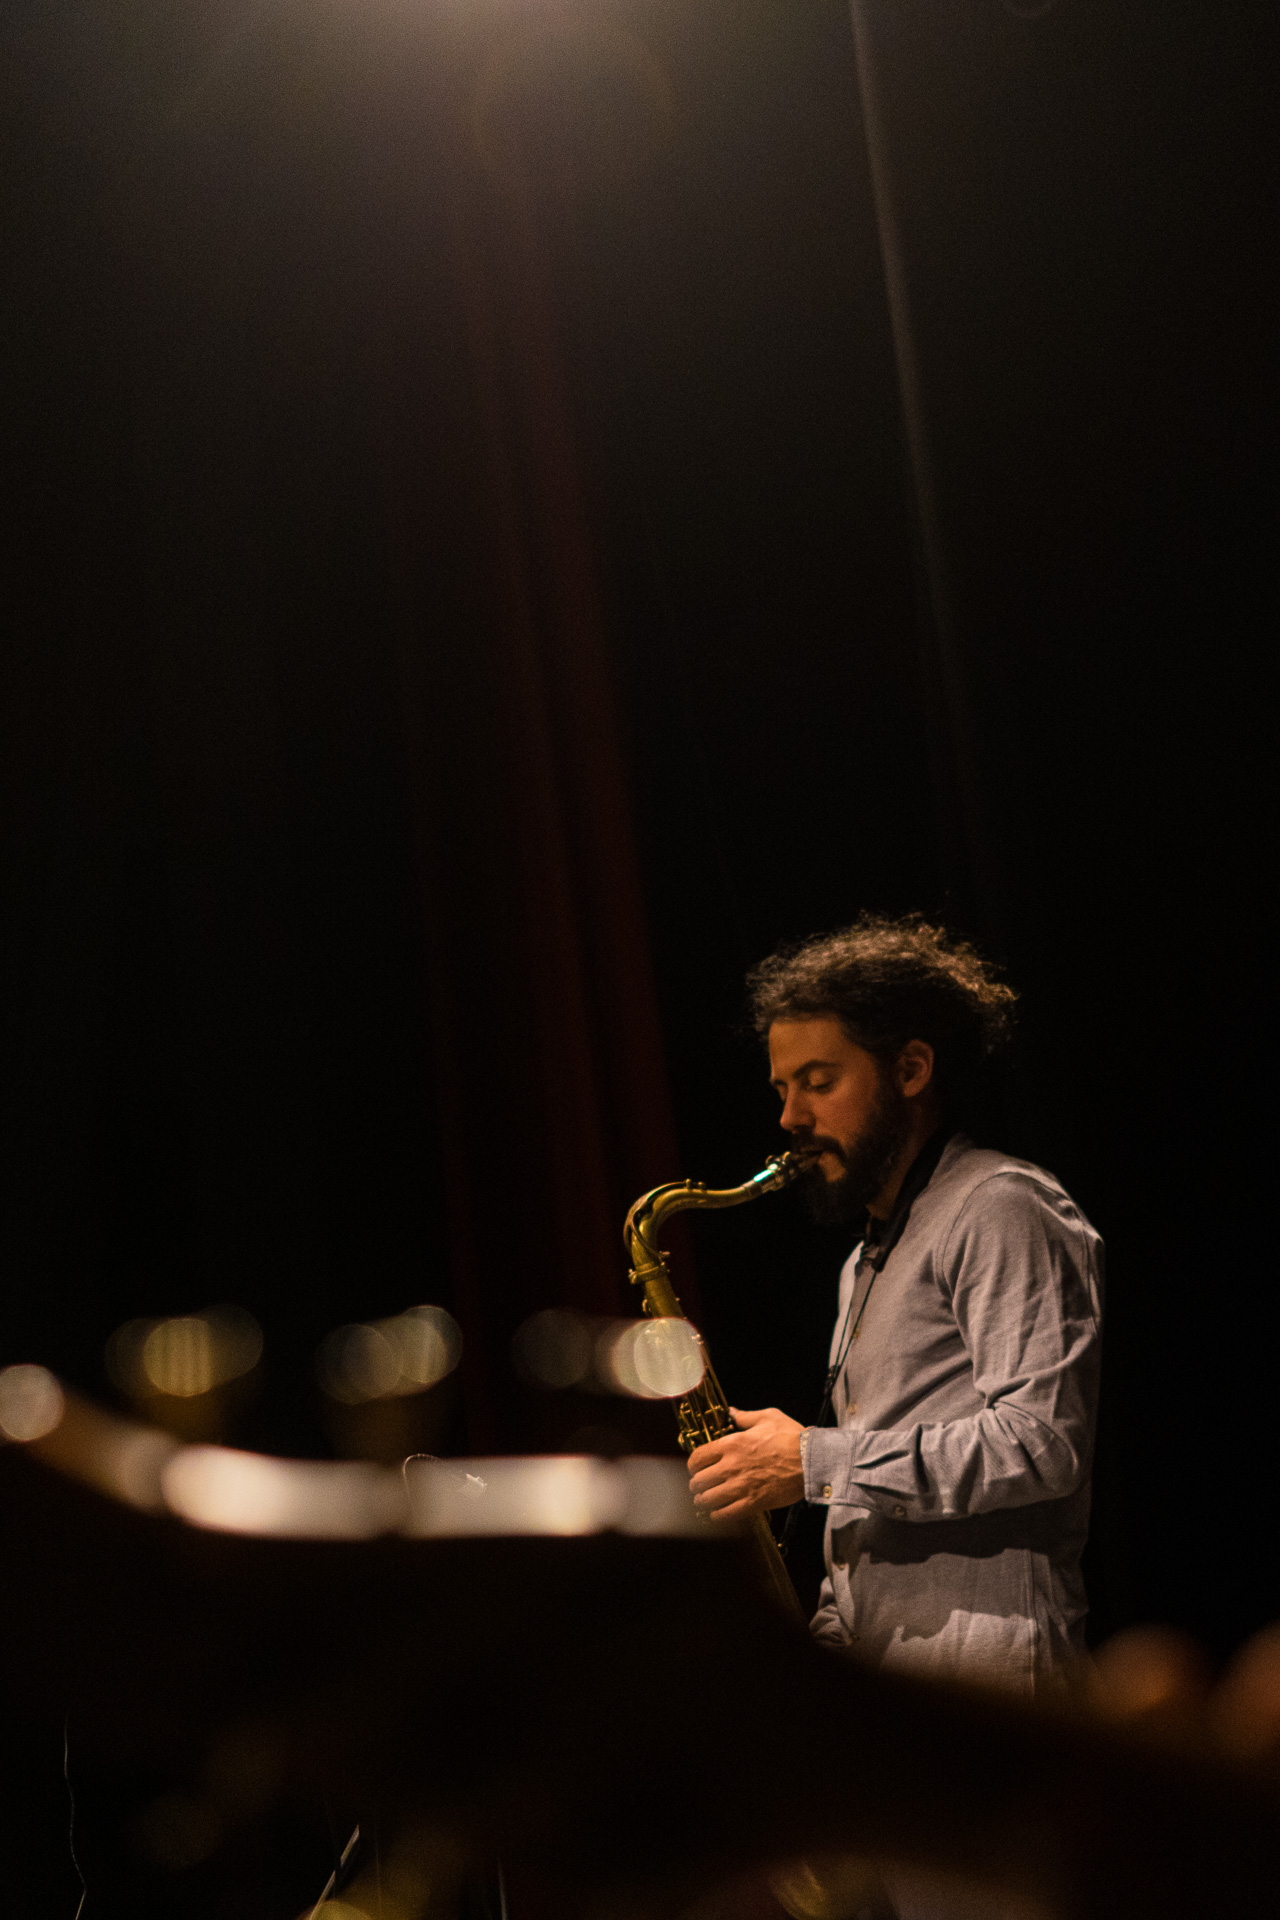 Filippo Cozzi by Andrea Caldarelli